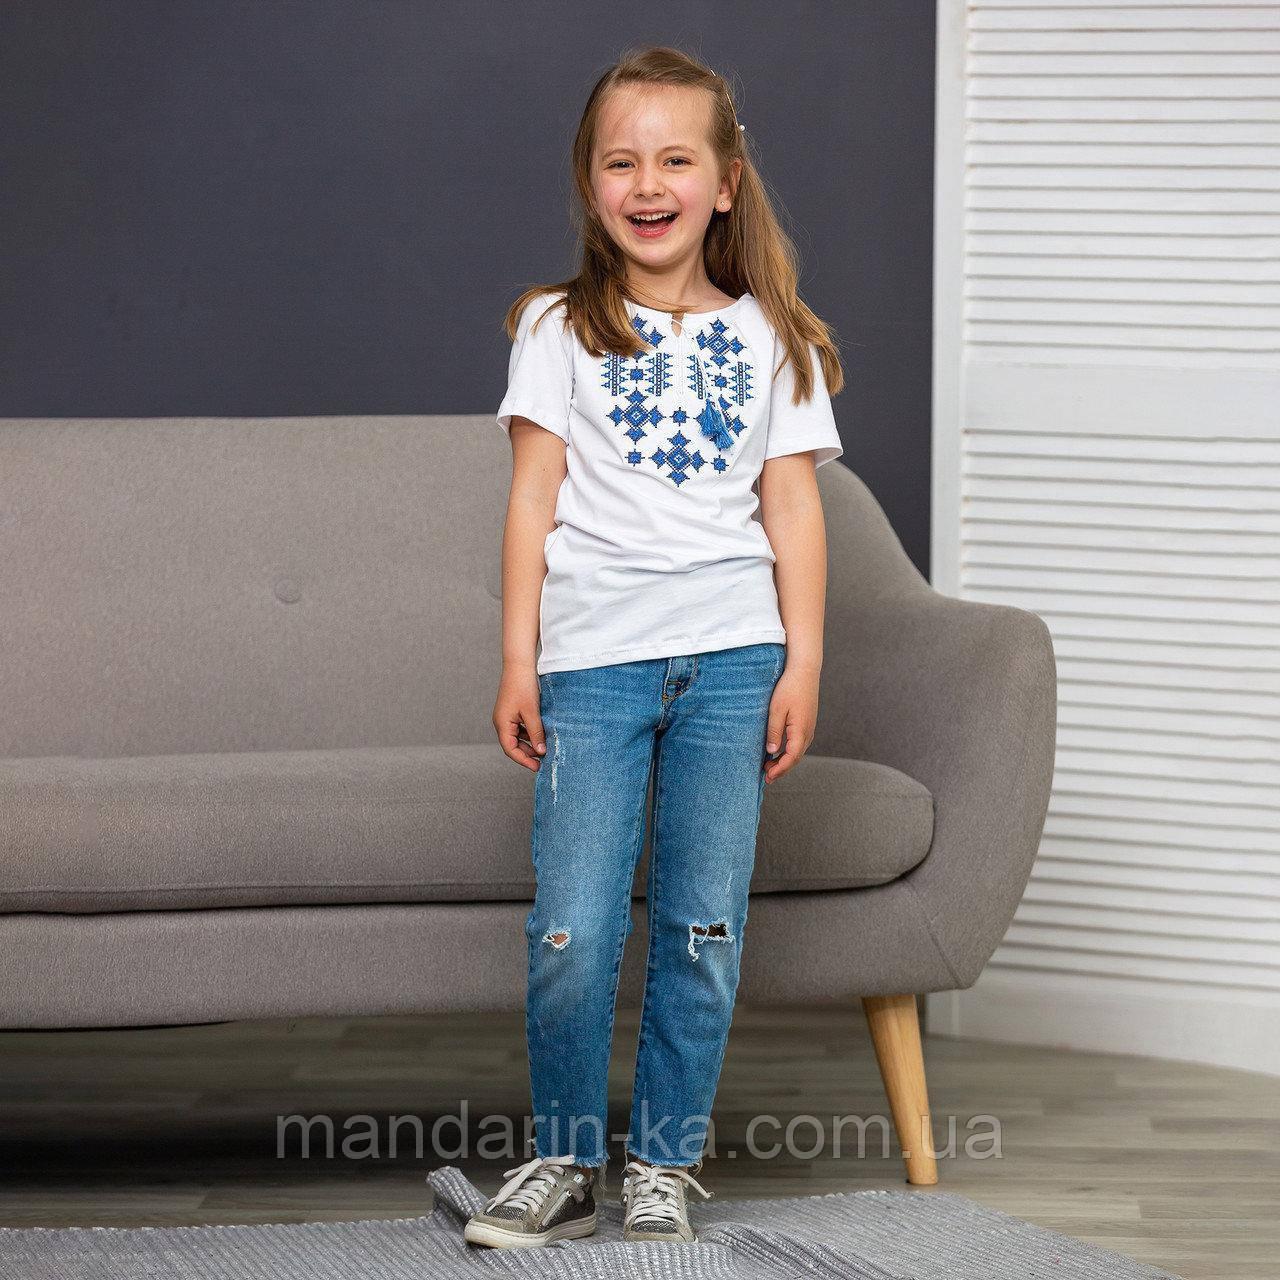 Вышиванка  футболка звездочка  синяя